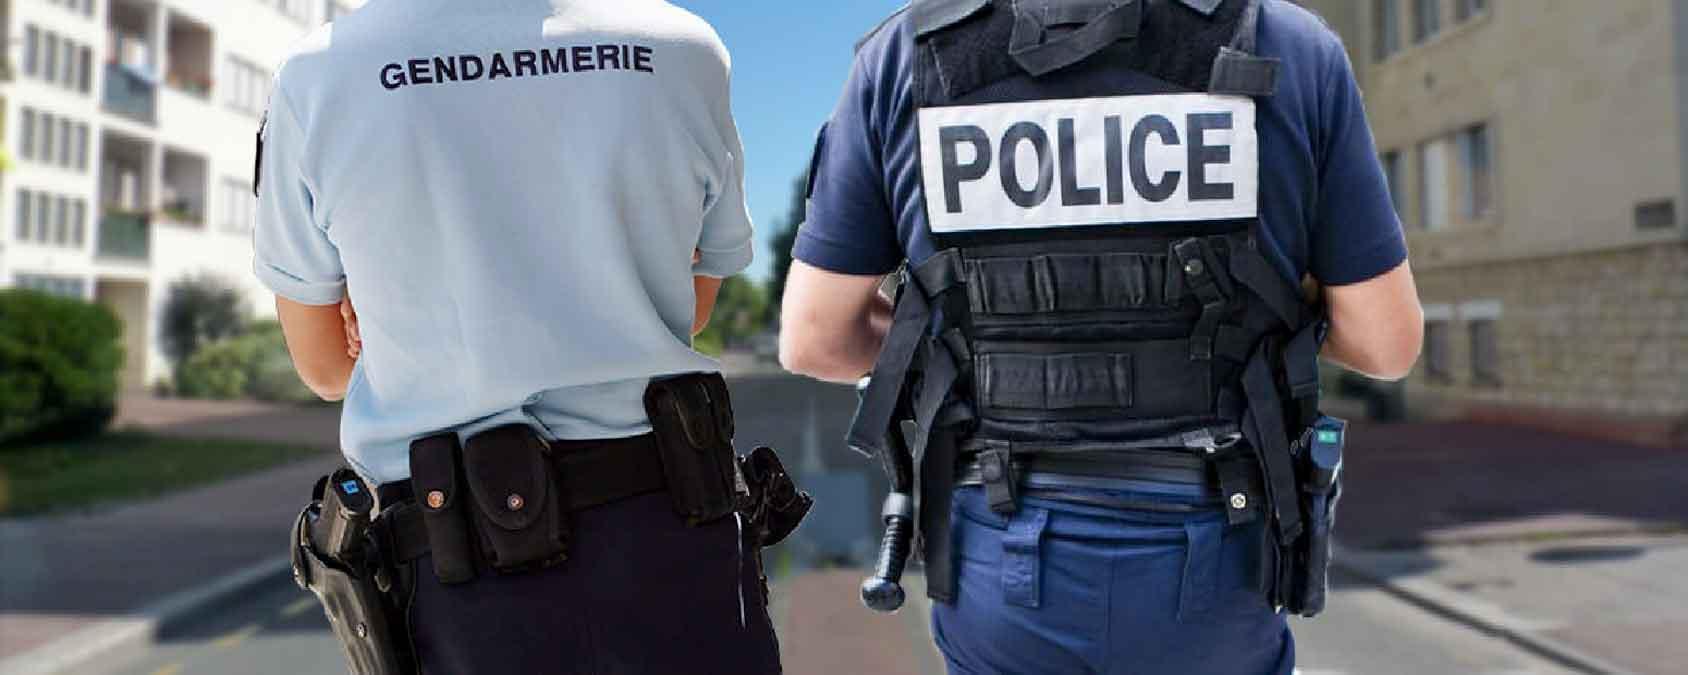 Les-policiers-en-quete-de-reconnaissance